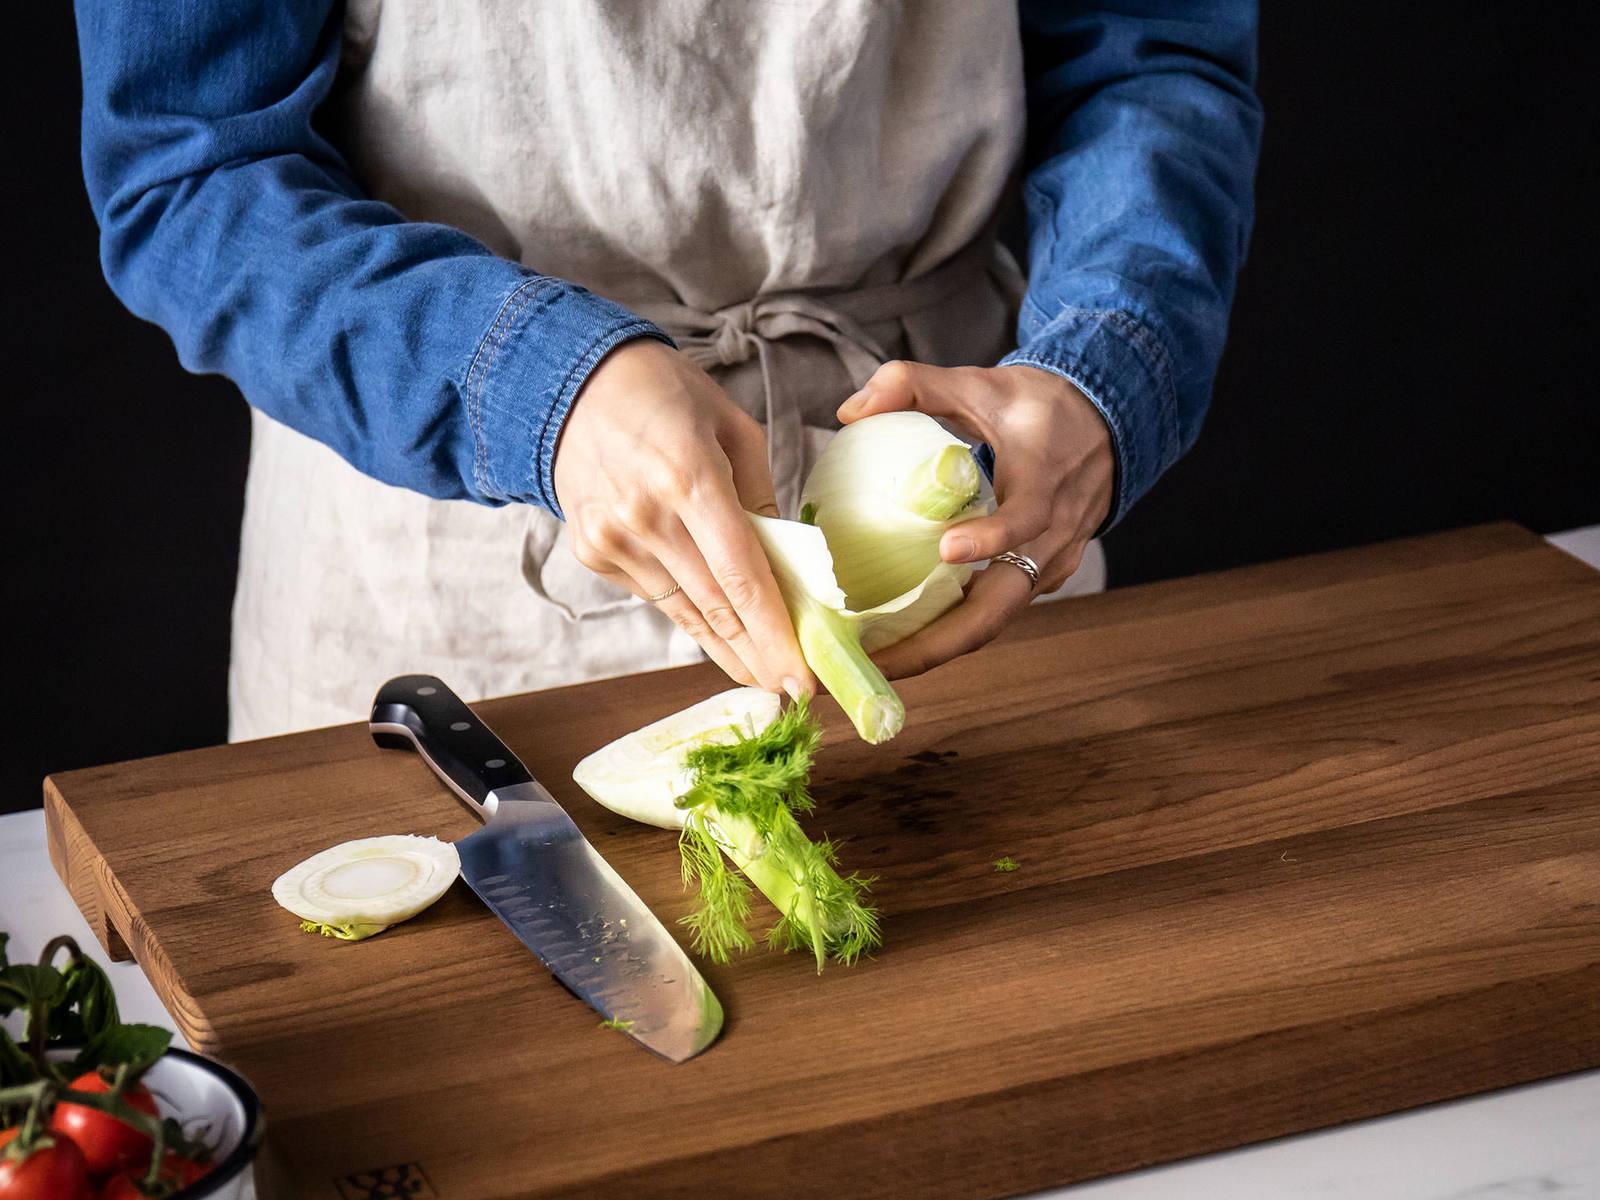 小茴香切半,剥去最外层的叶子,切细。在一口平底锅中,中高火热一些橄榄油,煸炒小茴香。撒盐和胡椒调味,炒约7分钟,或直至变软。